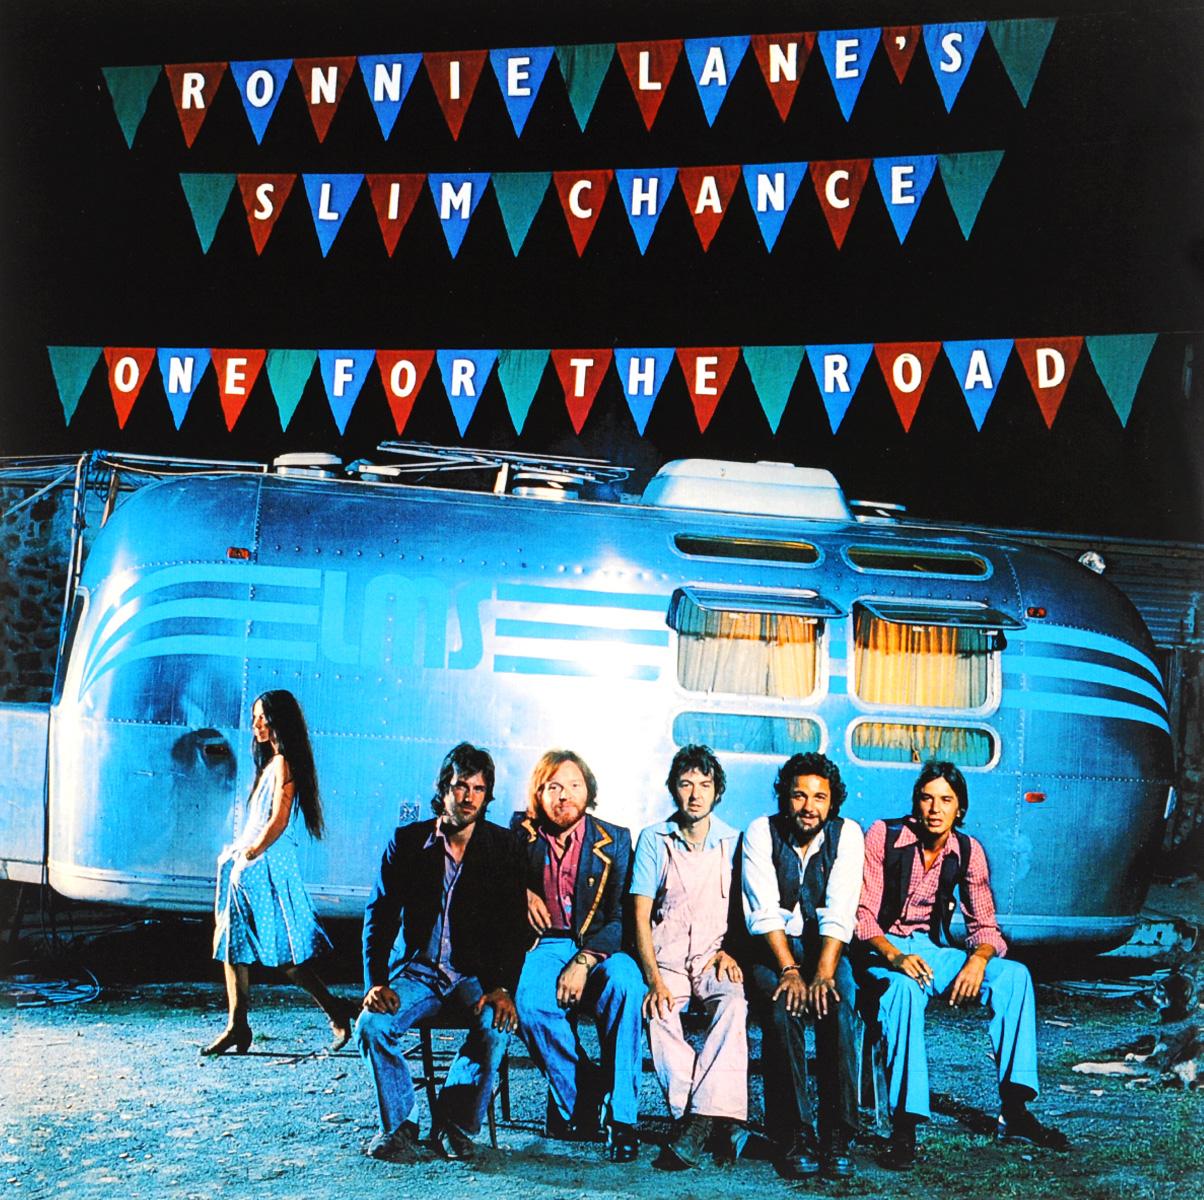 Ронни Лейн Ronnie Lane's Slim Chance. One For The Road (LP) цена и фото